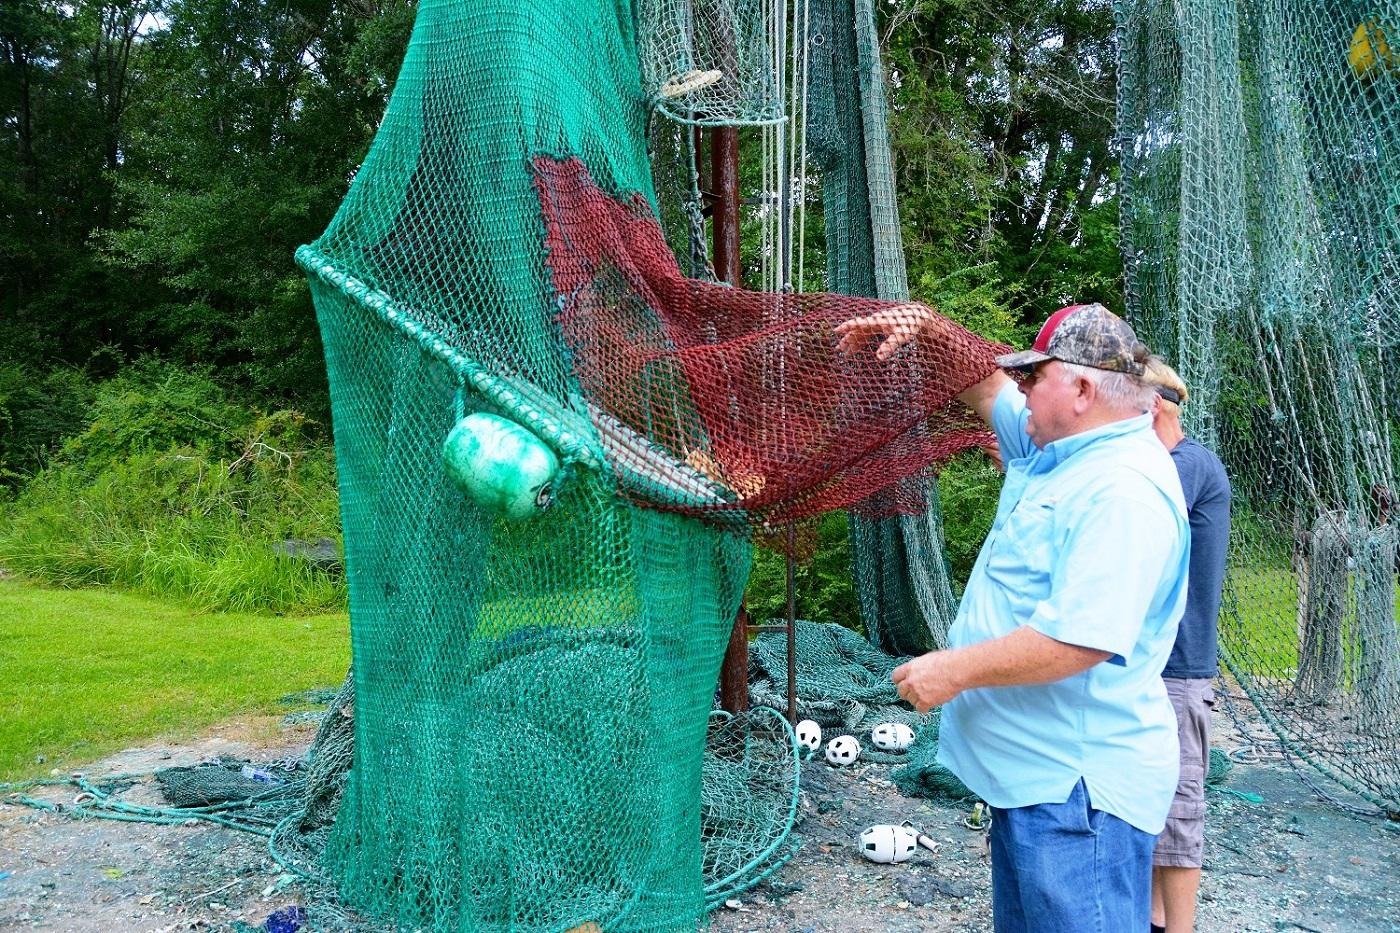 Shrimp net-making is still alive in Bayou La Batre - Alabama NewsCenter